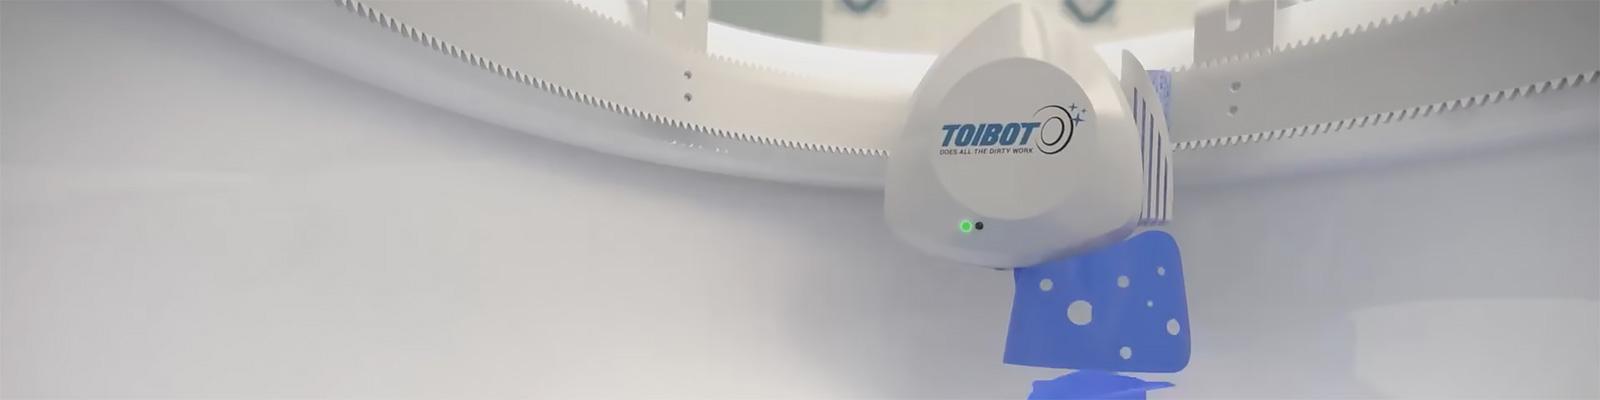 capture image: TOIBOT(TOIBOT)